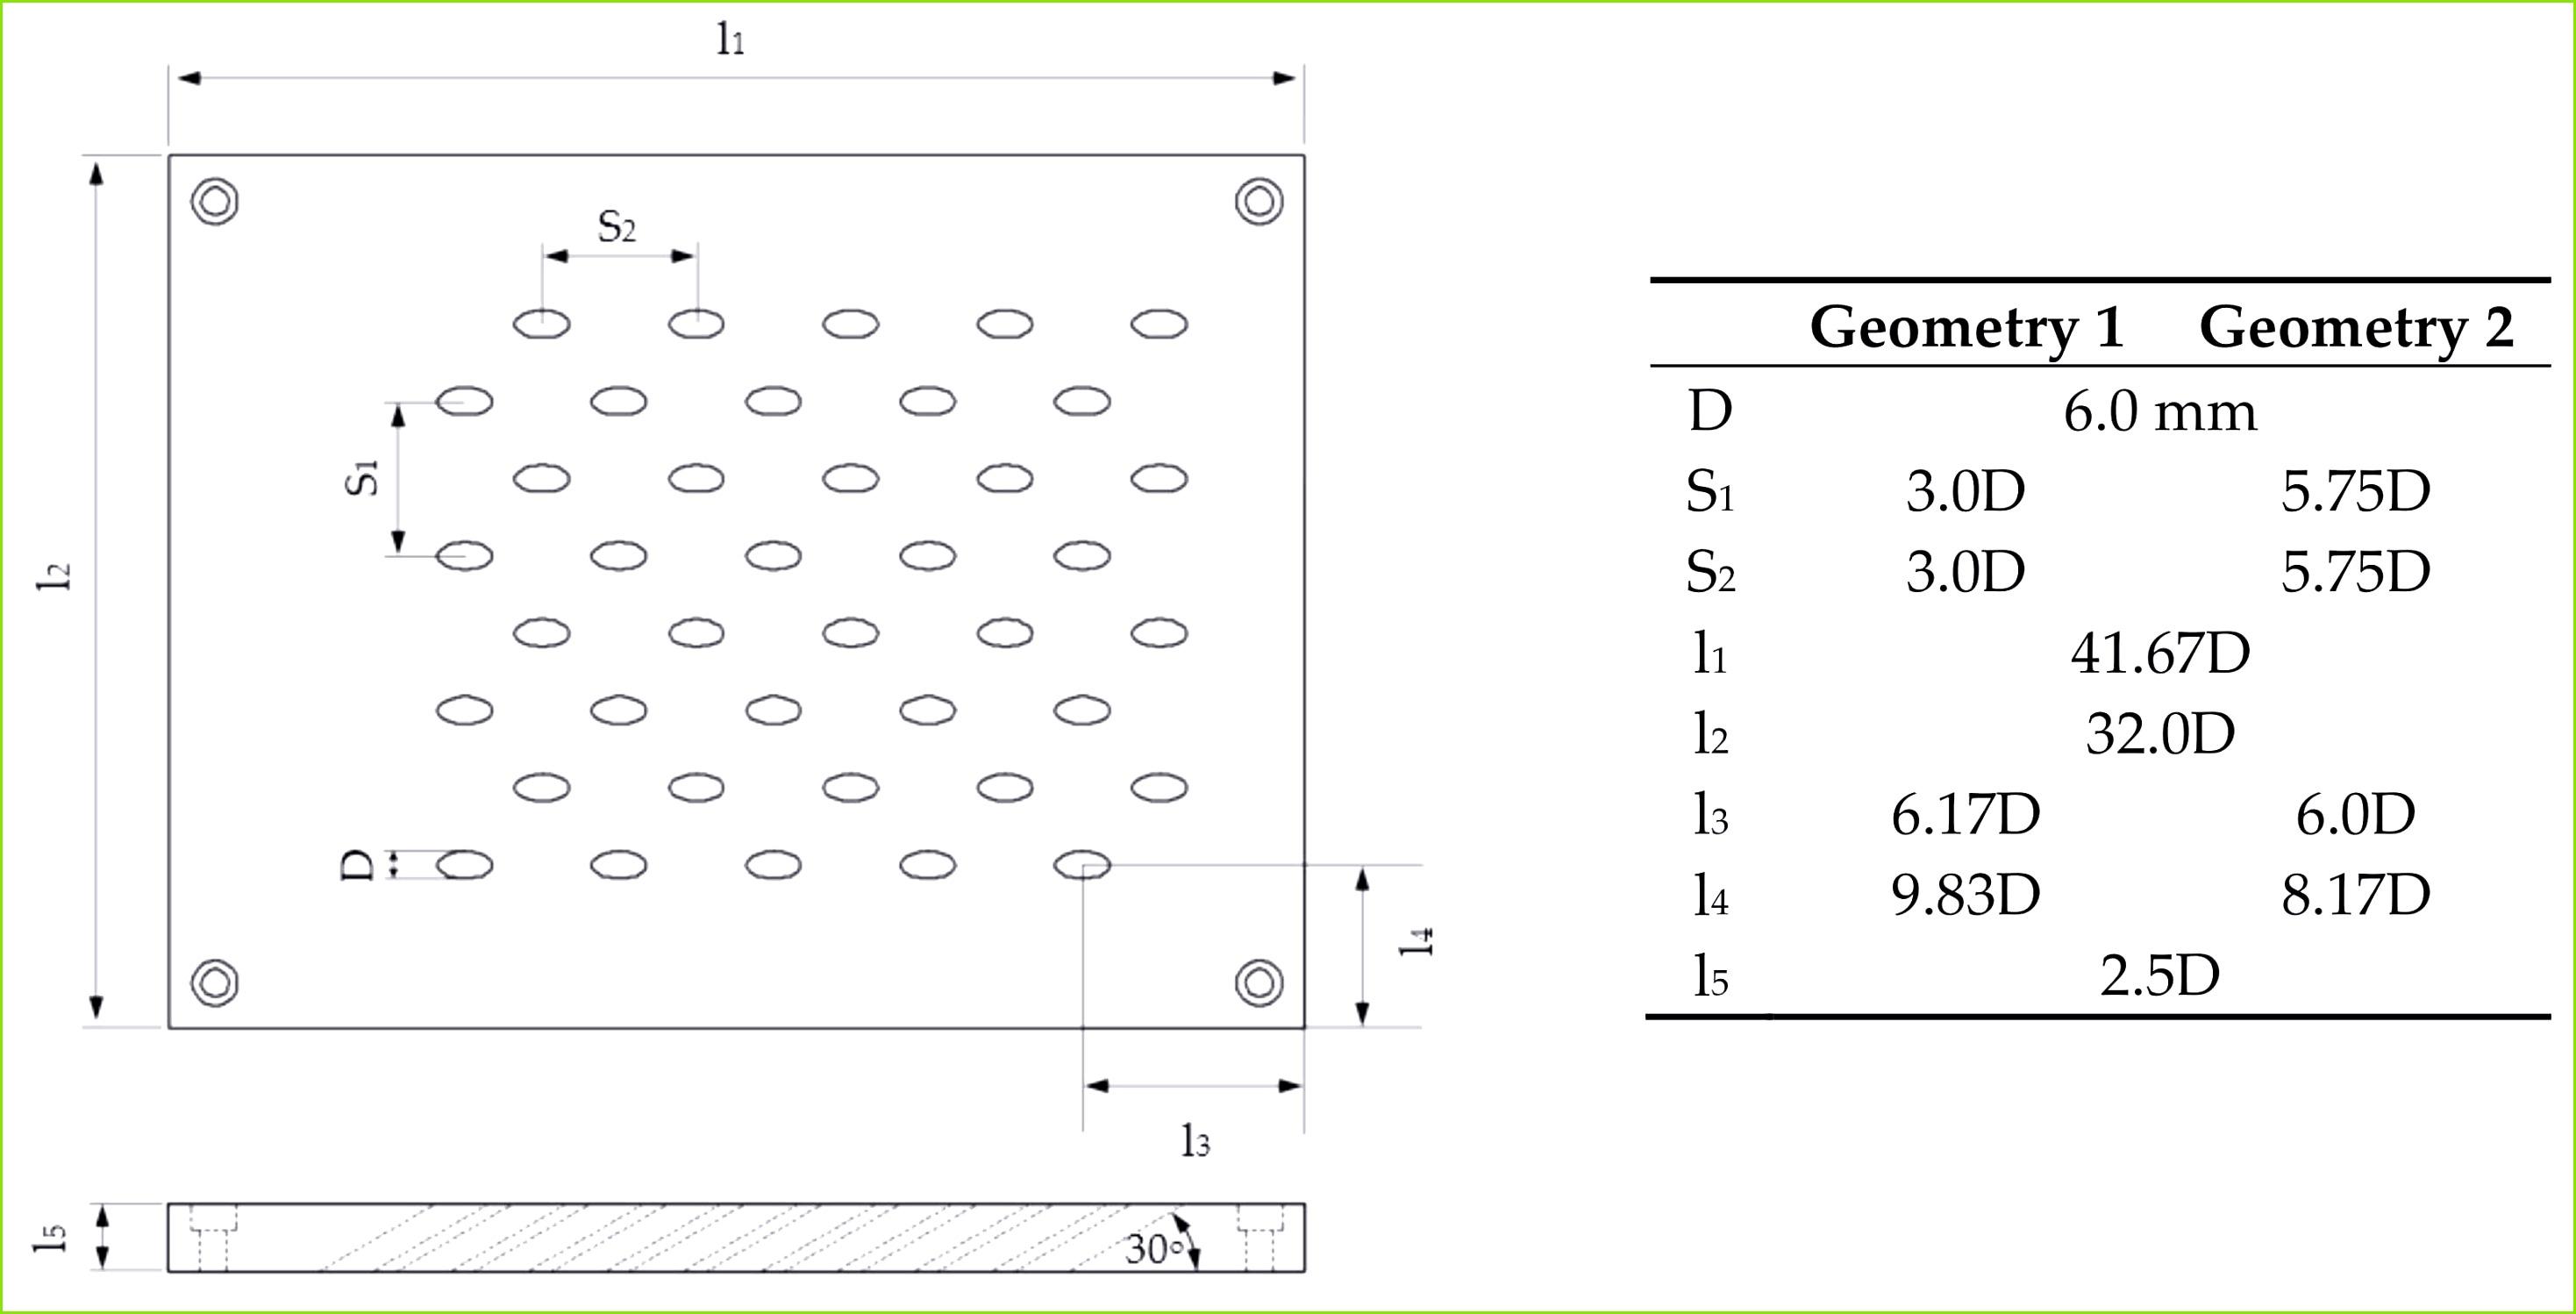 Technische Dokumentation Vorlage Word Idee Technische Zeichnung Vorlage